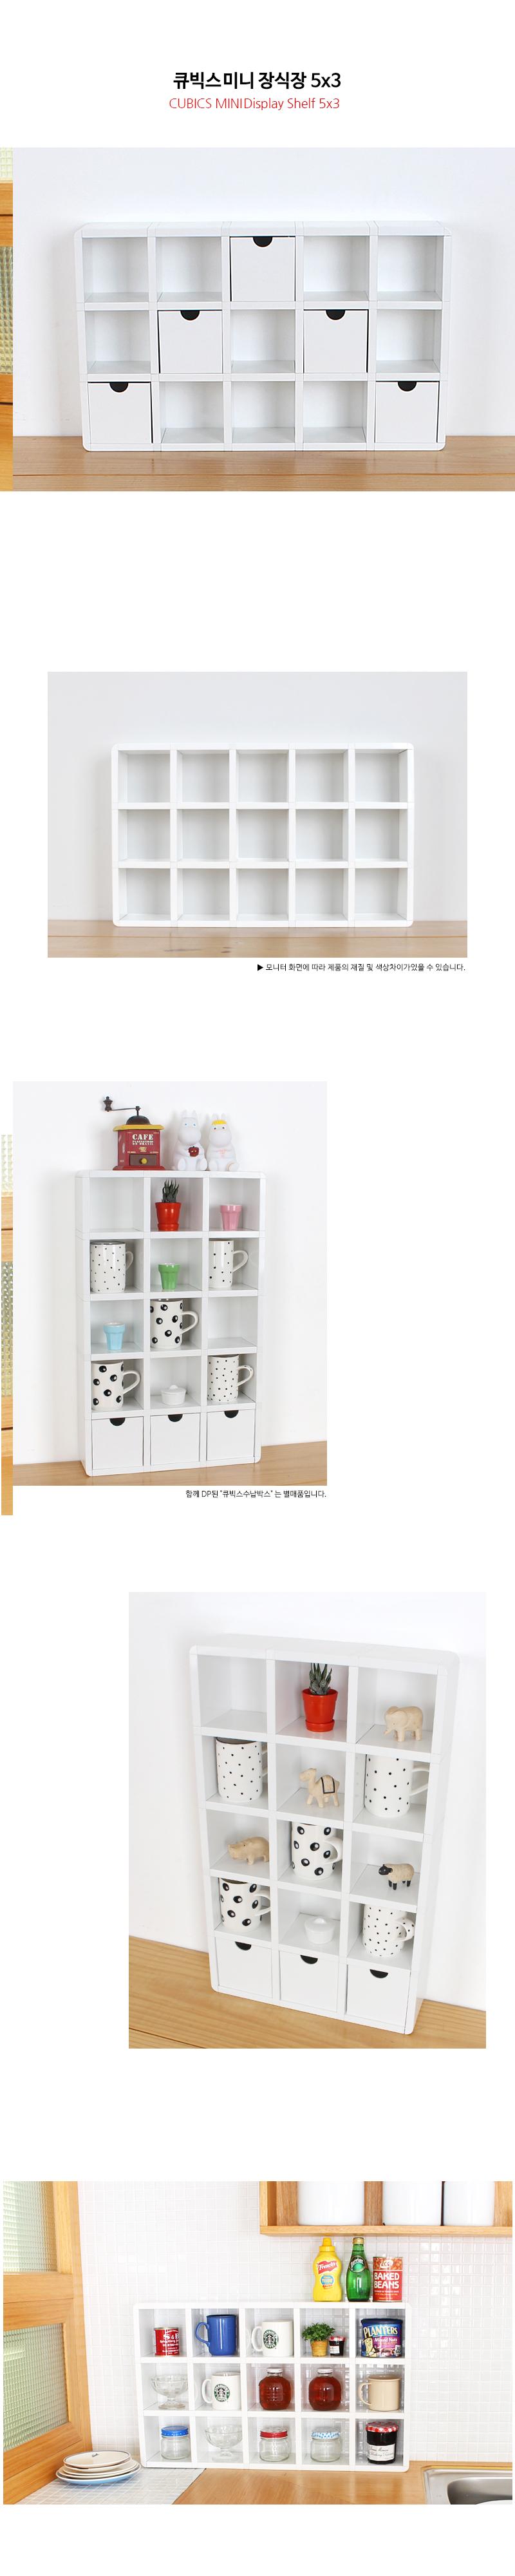 큐빅스미니 진열장 5X3 - 큐빅스미니, 95,200원, 주방수납용품, 수납함